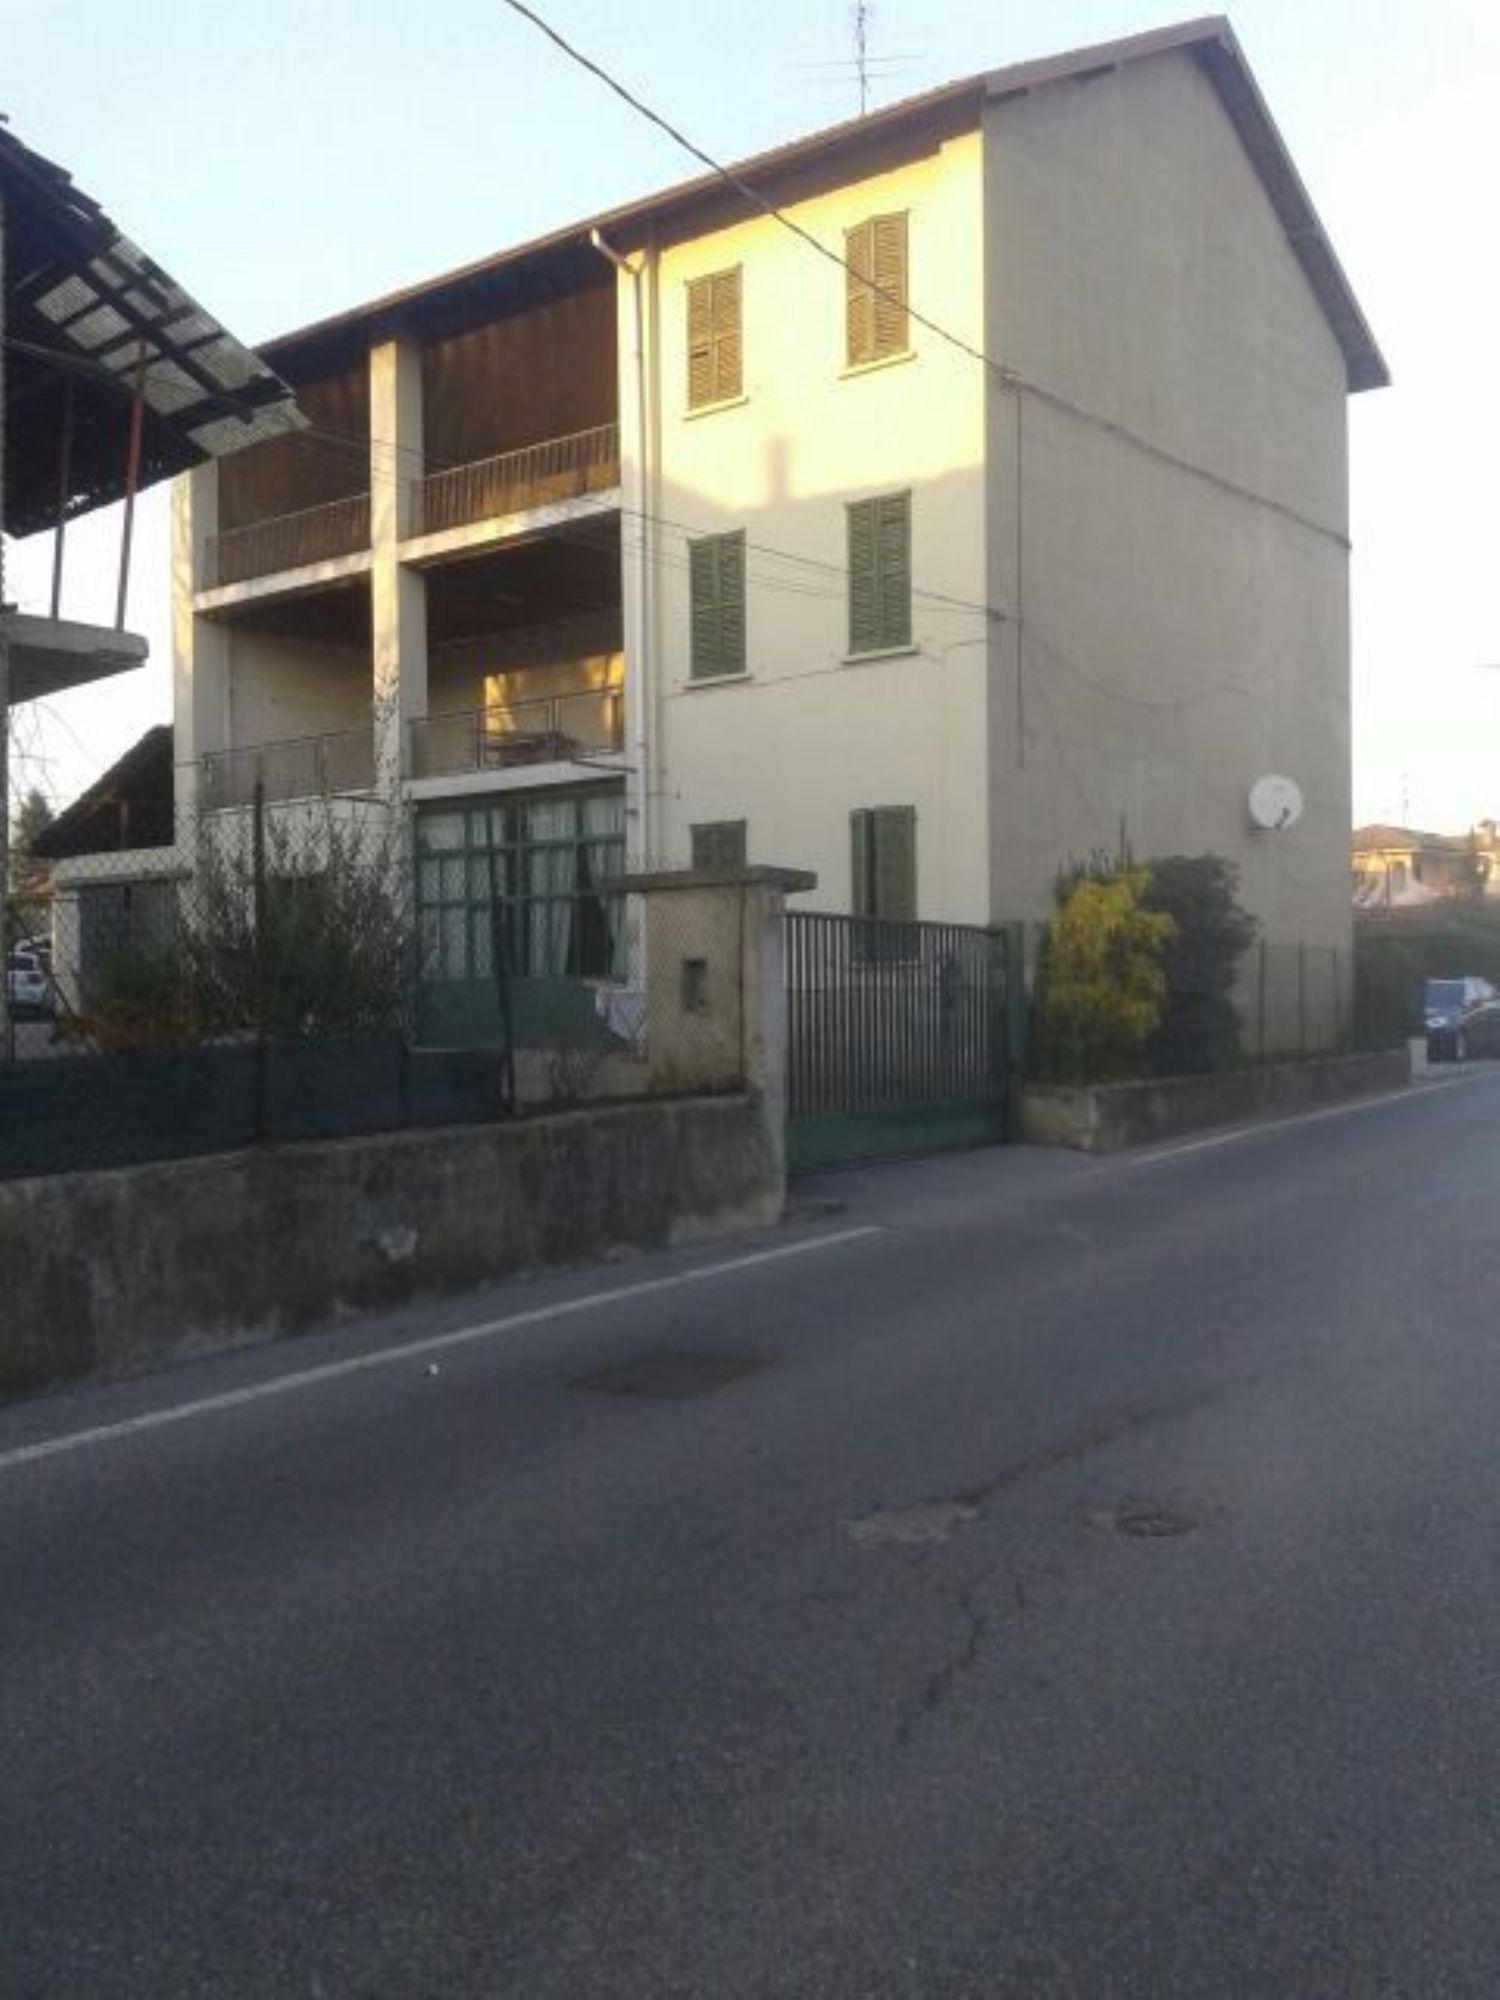 Appartamento in vendita a Trezzano Rosa, 8 locali, prezzo € 175.000 | CambioCasa.it